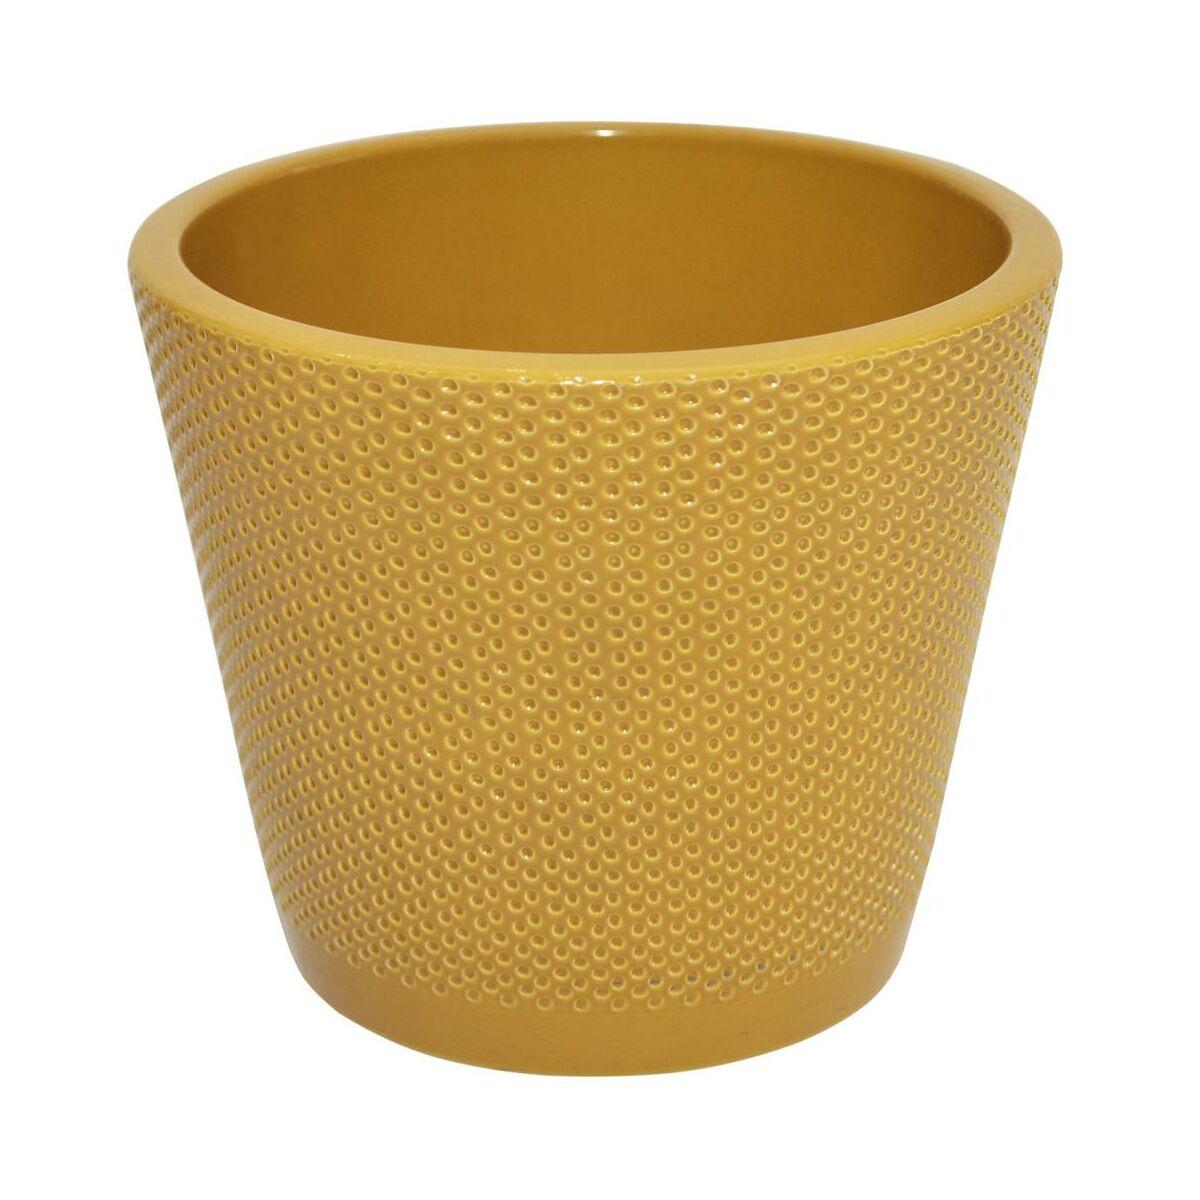 Osłonka Na Doniczkę 15 Cm Ceramiczna Curry Stożek Ceramik